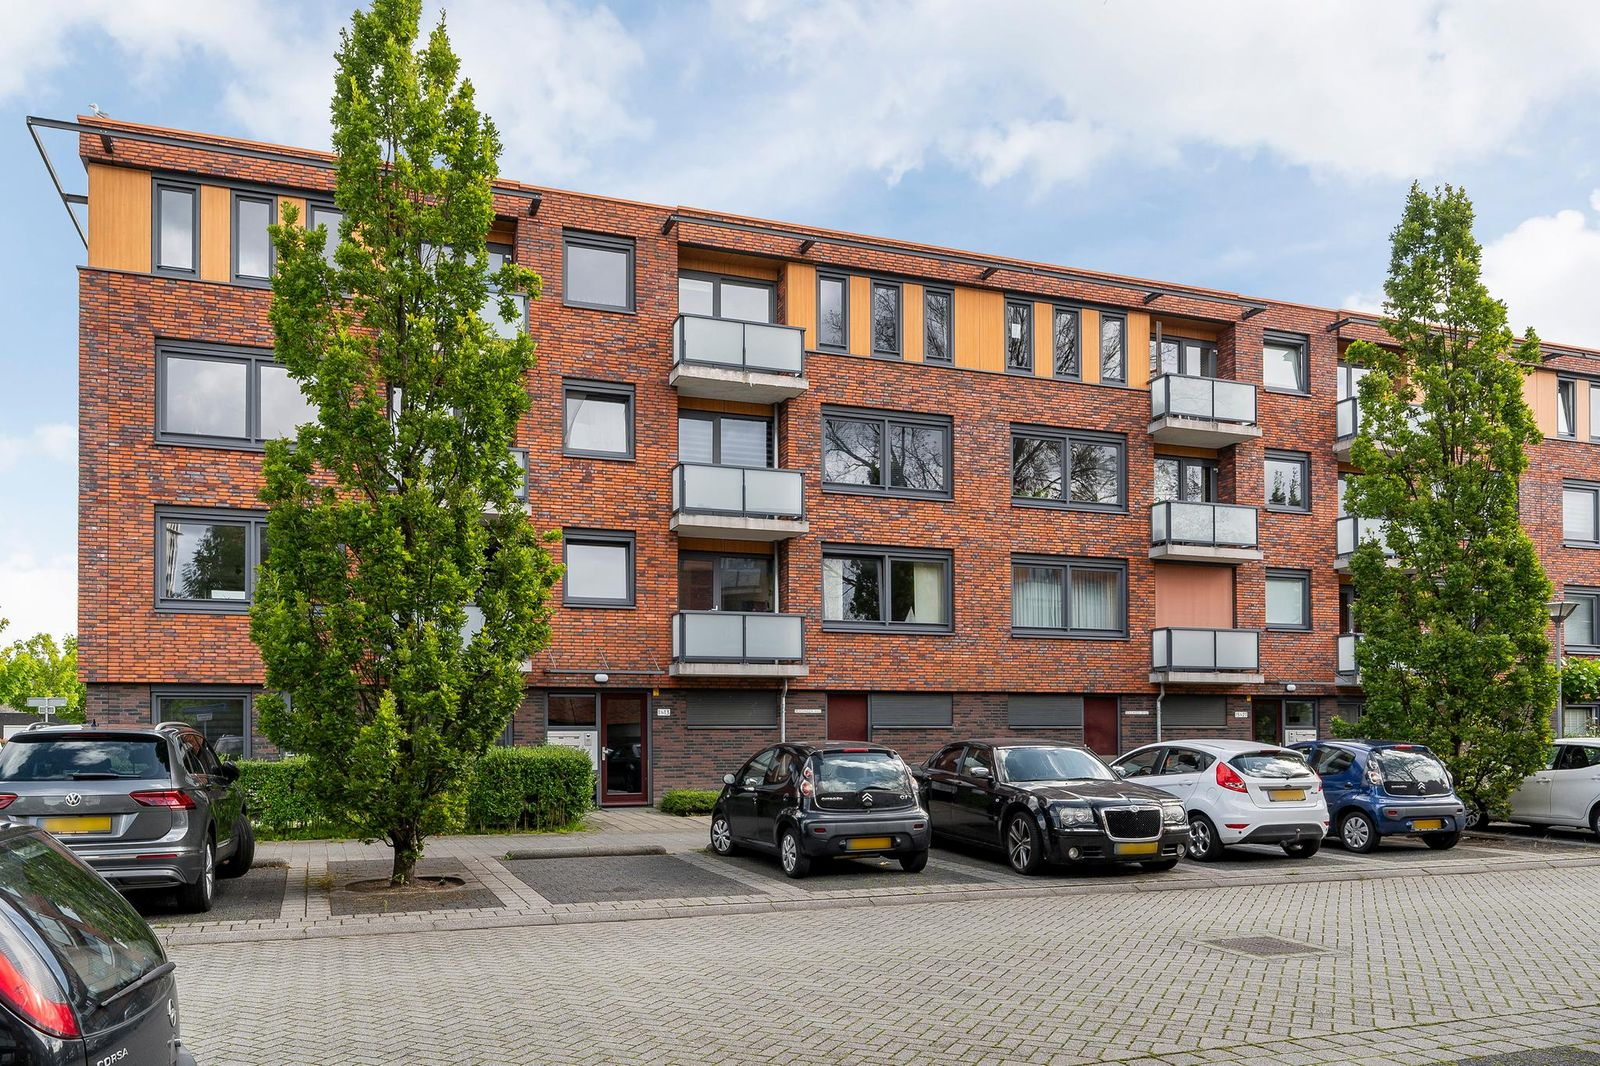 Jan van der Burgstraat 13, Maassluis